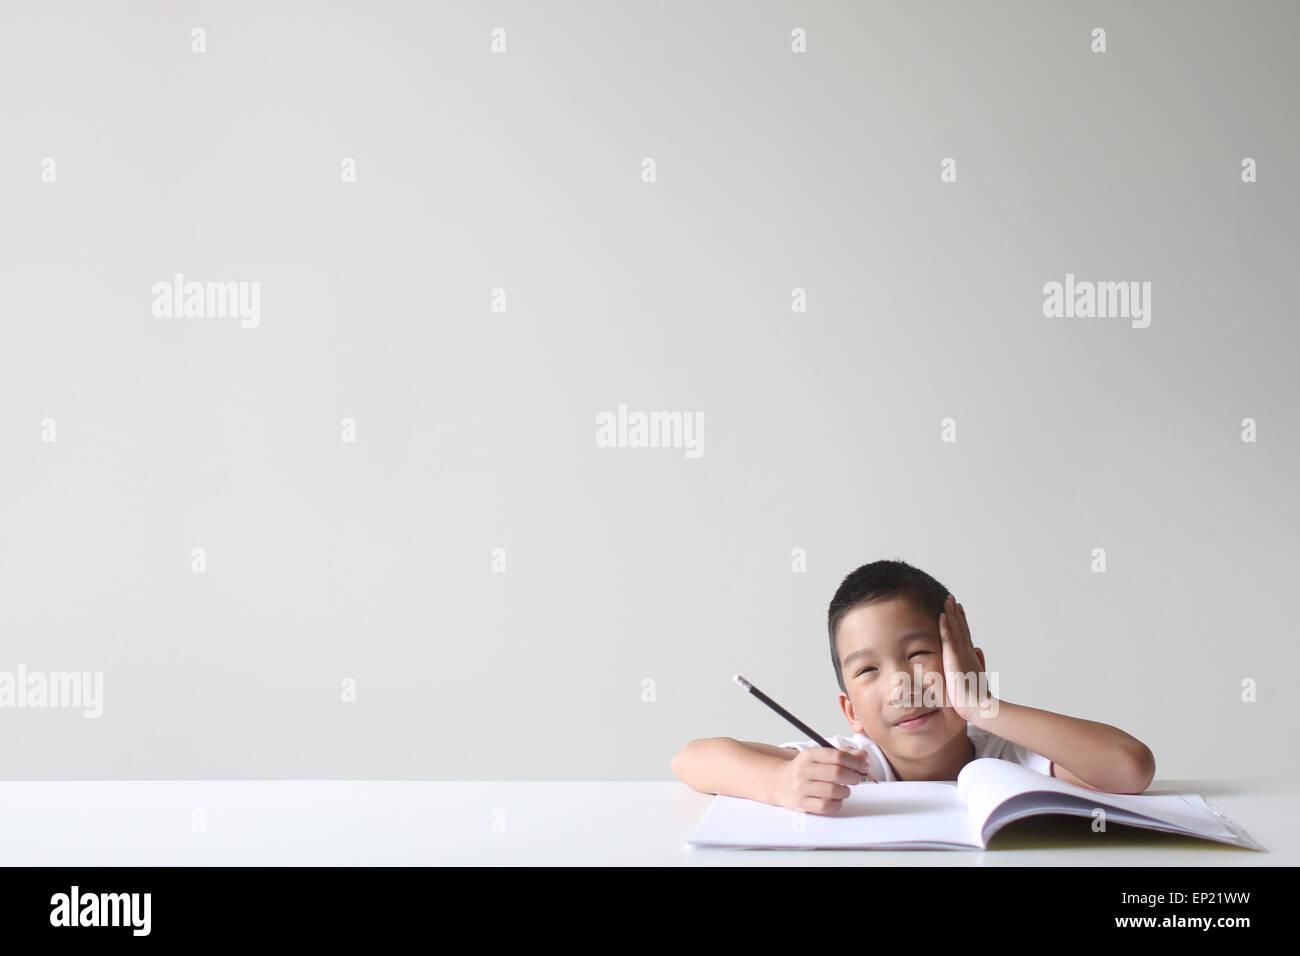 Junge sitzt auf einer Tabelle studieren Stockbild